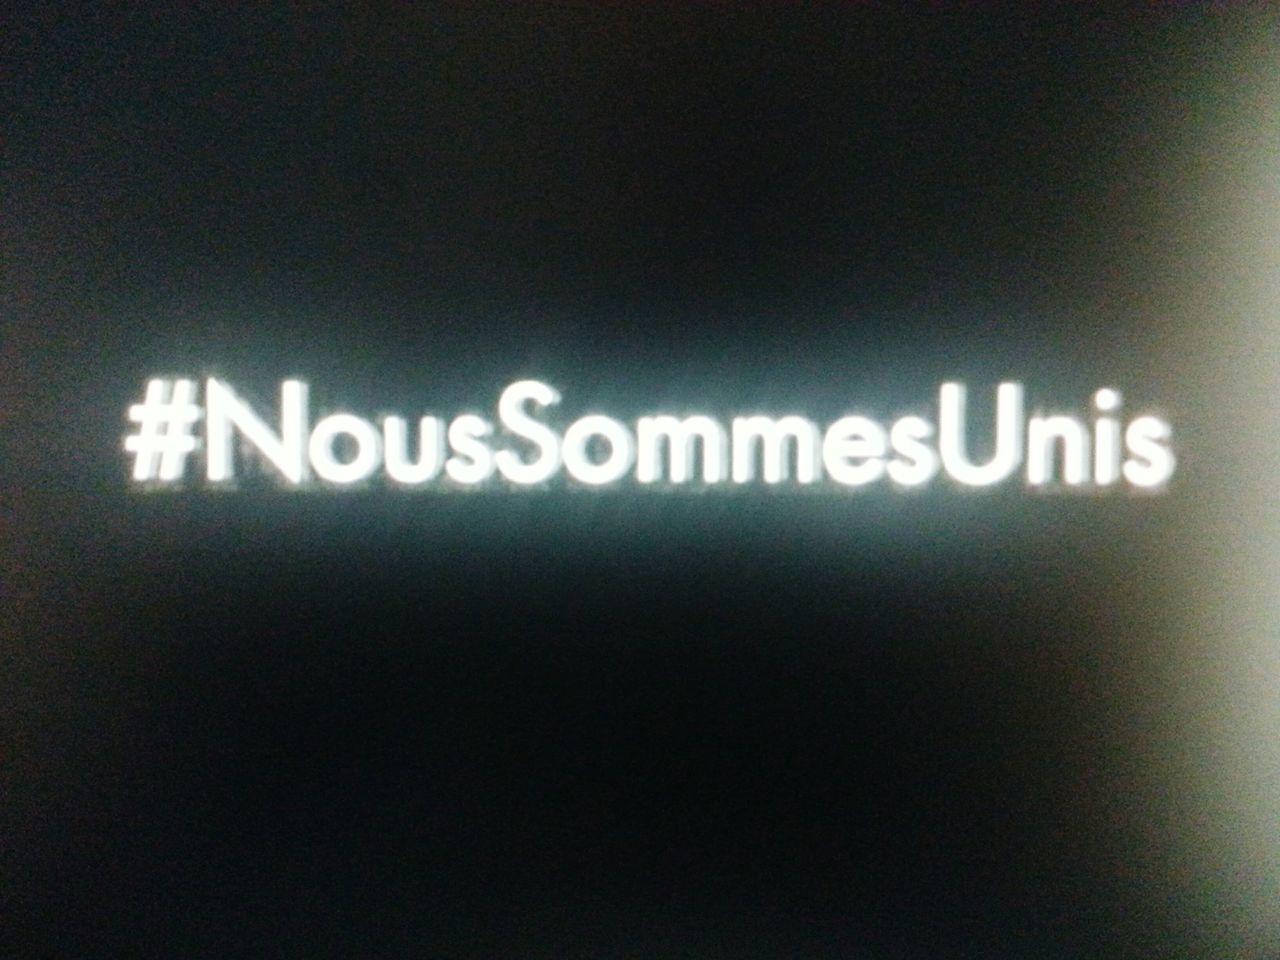 R.I.P 13.11.2015 Je Suis France/Paris Je Suis Paris Nous Sommes Unis